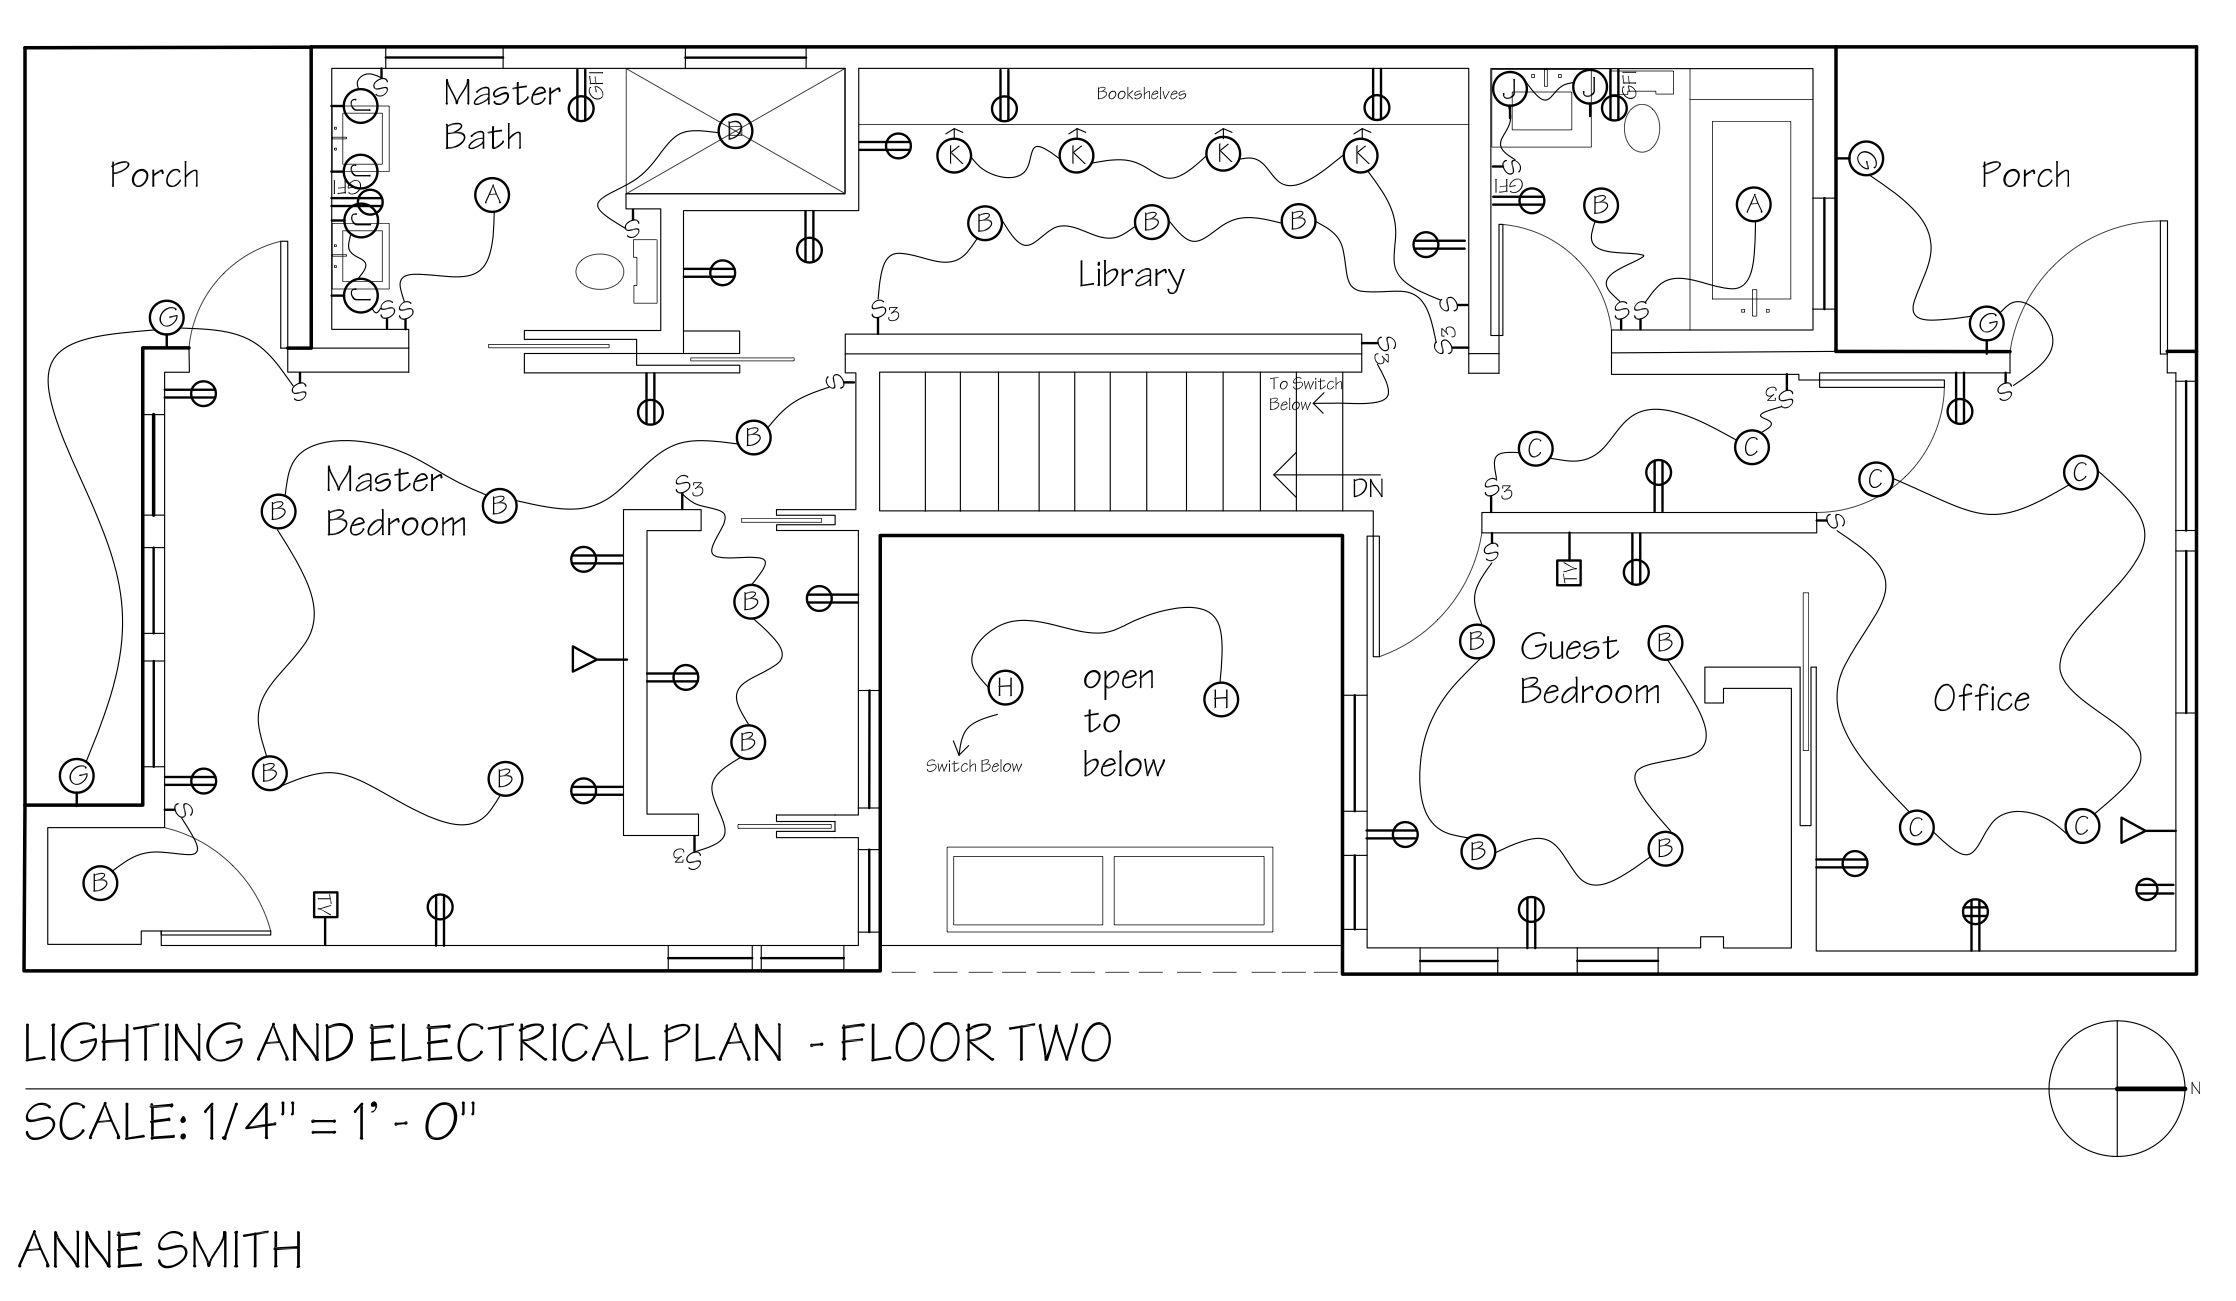 image result for bedroom lighting floor plan [ 2236 x 1301 Pixel ]